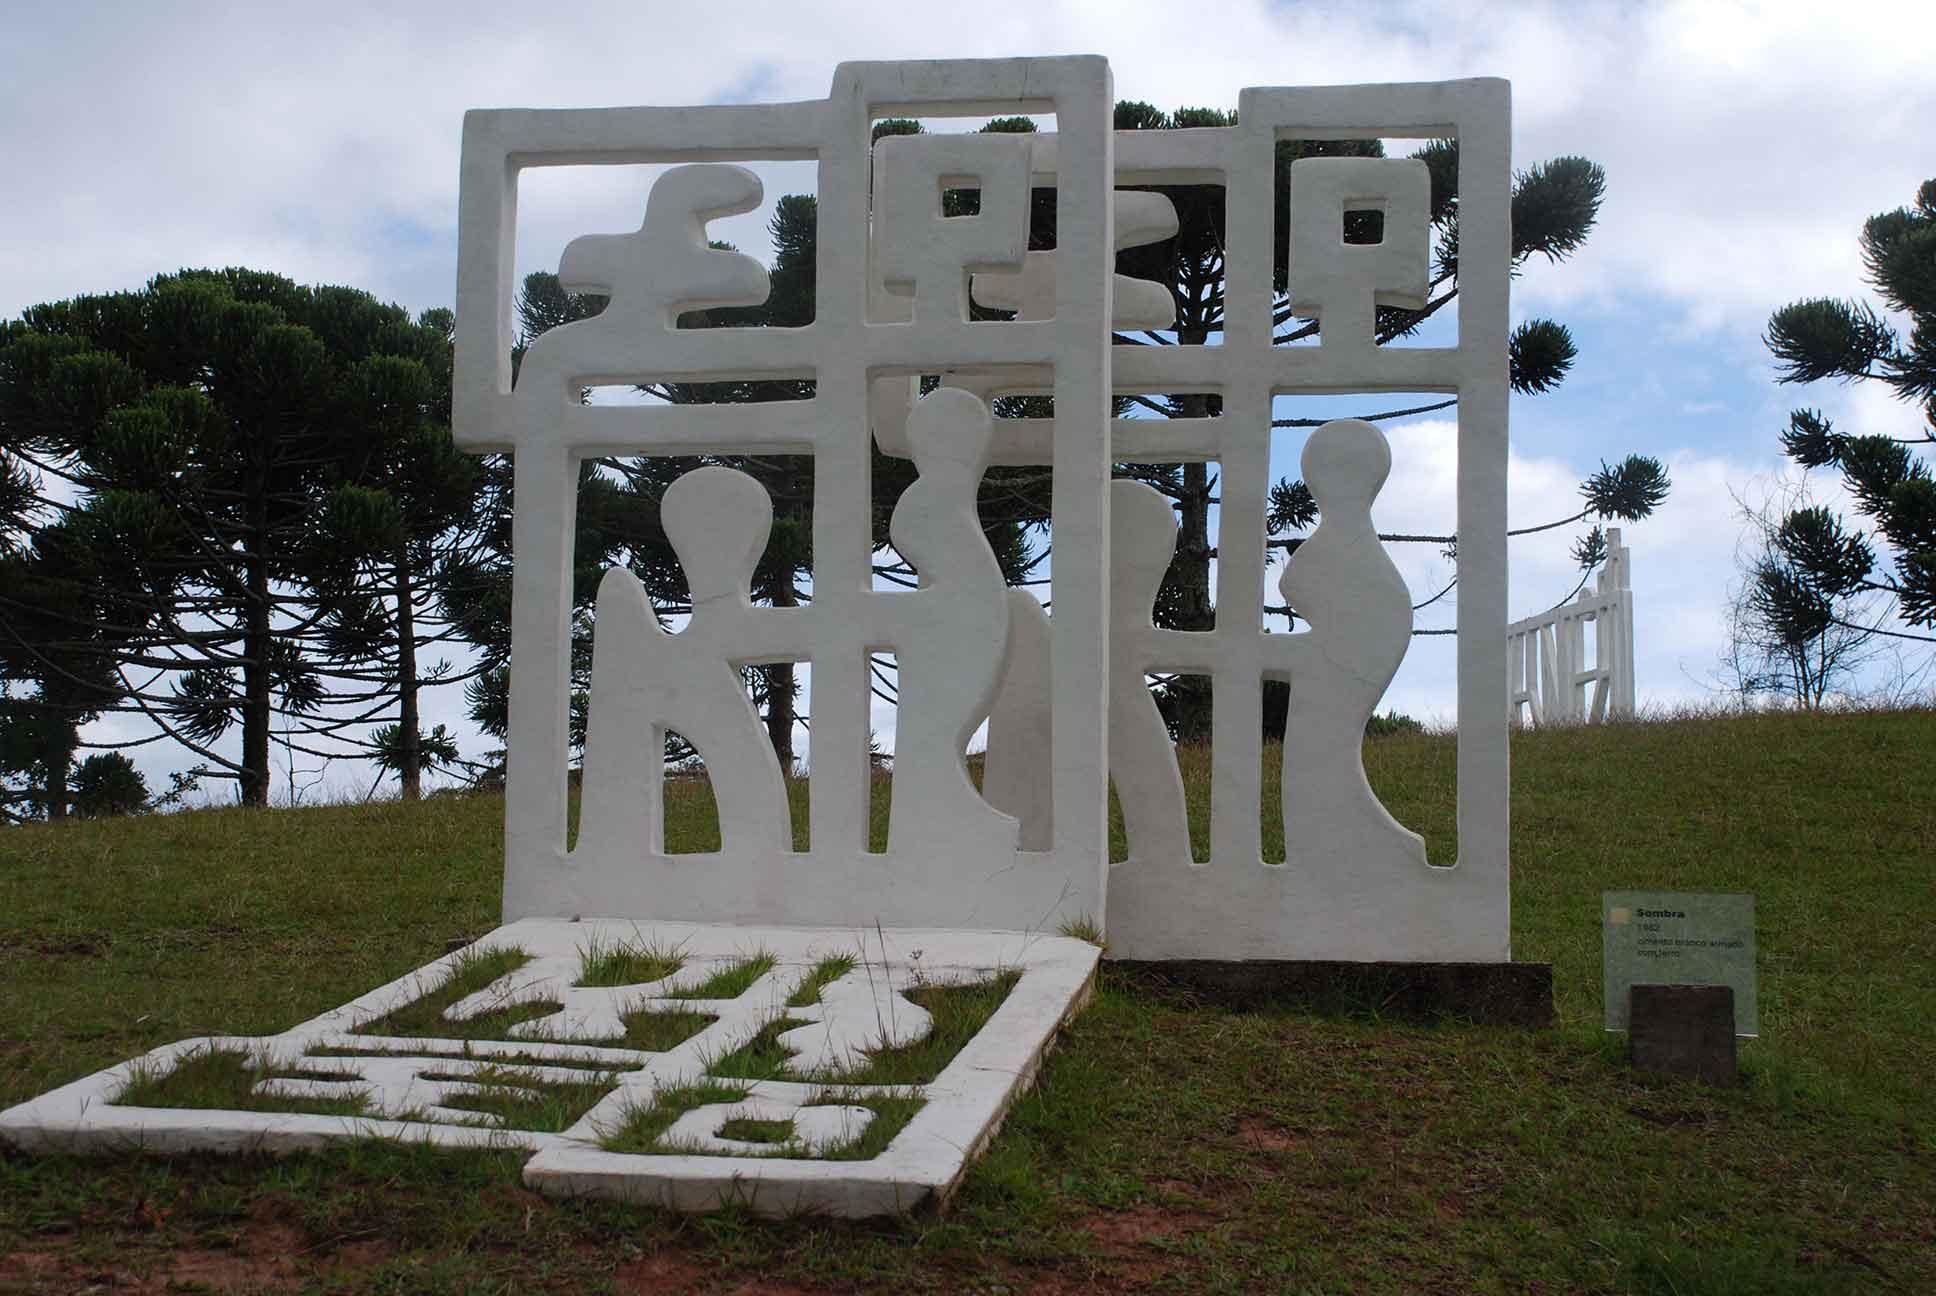 Museu Felícia Leirner -Campos-do-Jordao-Artes-Museu-Felicia-Lerner-Sombra-1982